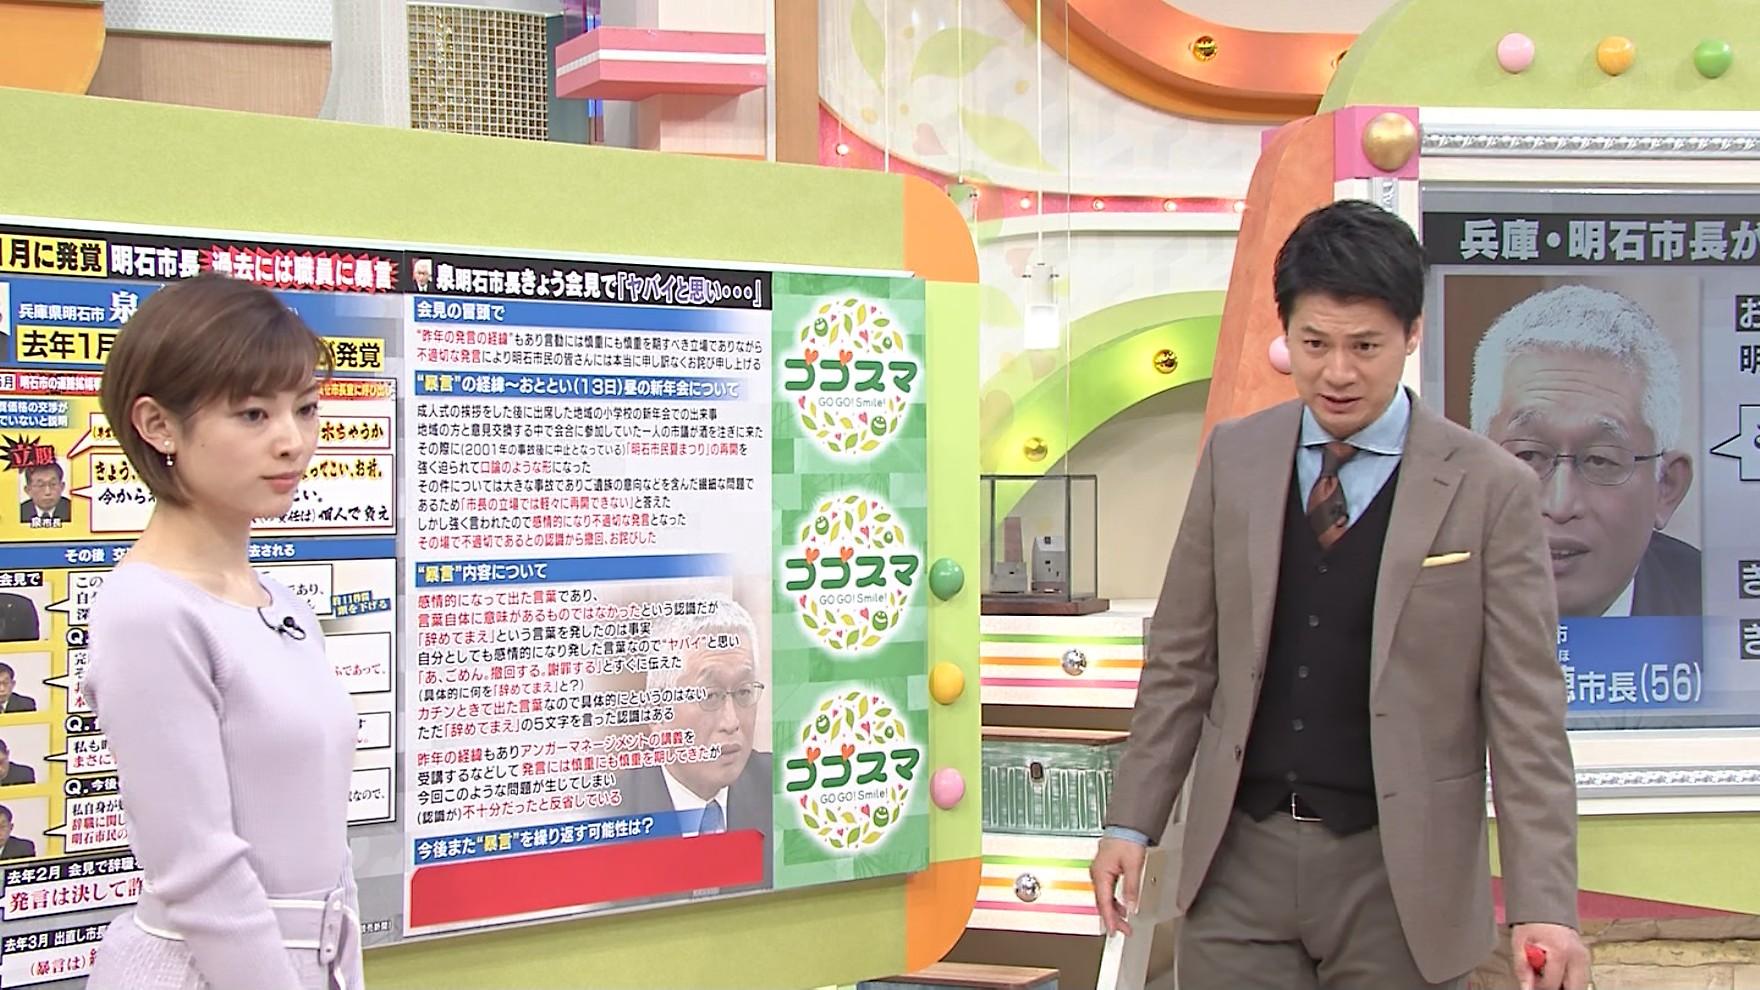 2020年1月15日に放送された「ゴゴスマ」のテレビキャプチャー画像-025